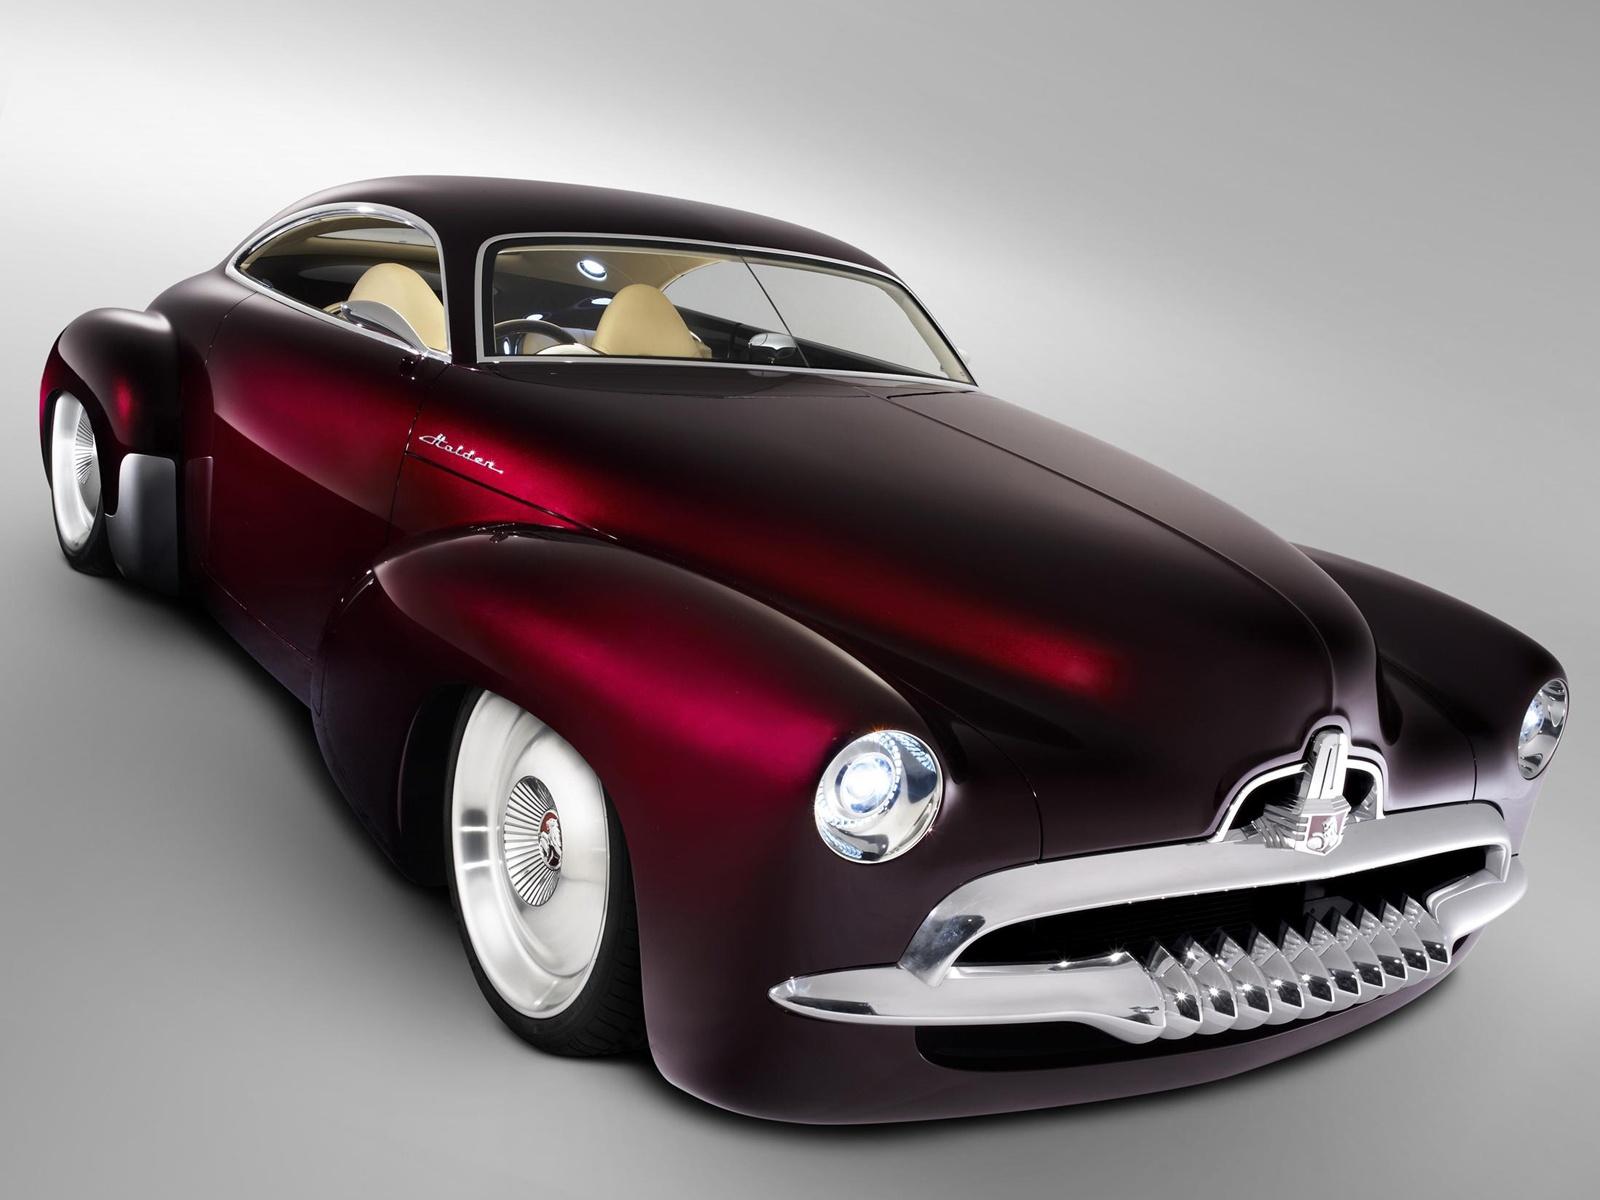 http://4.bp.blogspot.com/-ZCKYr-PTwbg/TdViOWXe1uI/AAAAAAAAAlg/K36oSHYCltI/s1600/wallpaper+hd+voiture+%25281%2529.jpg